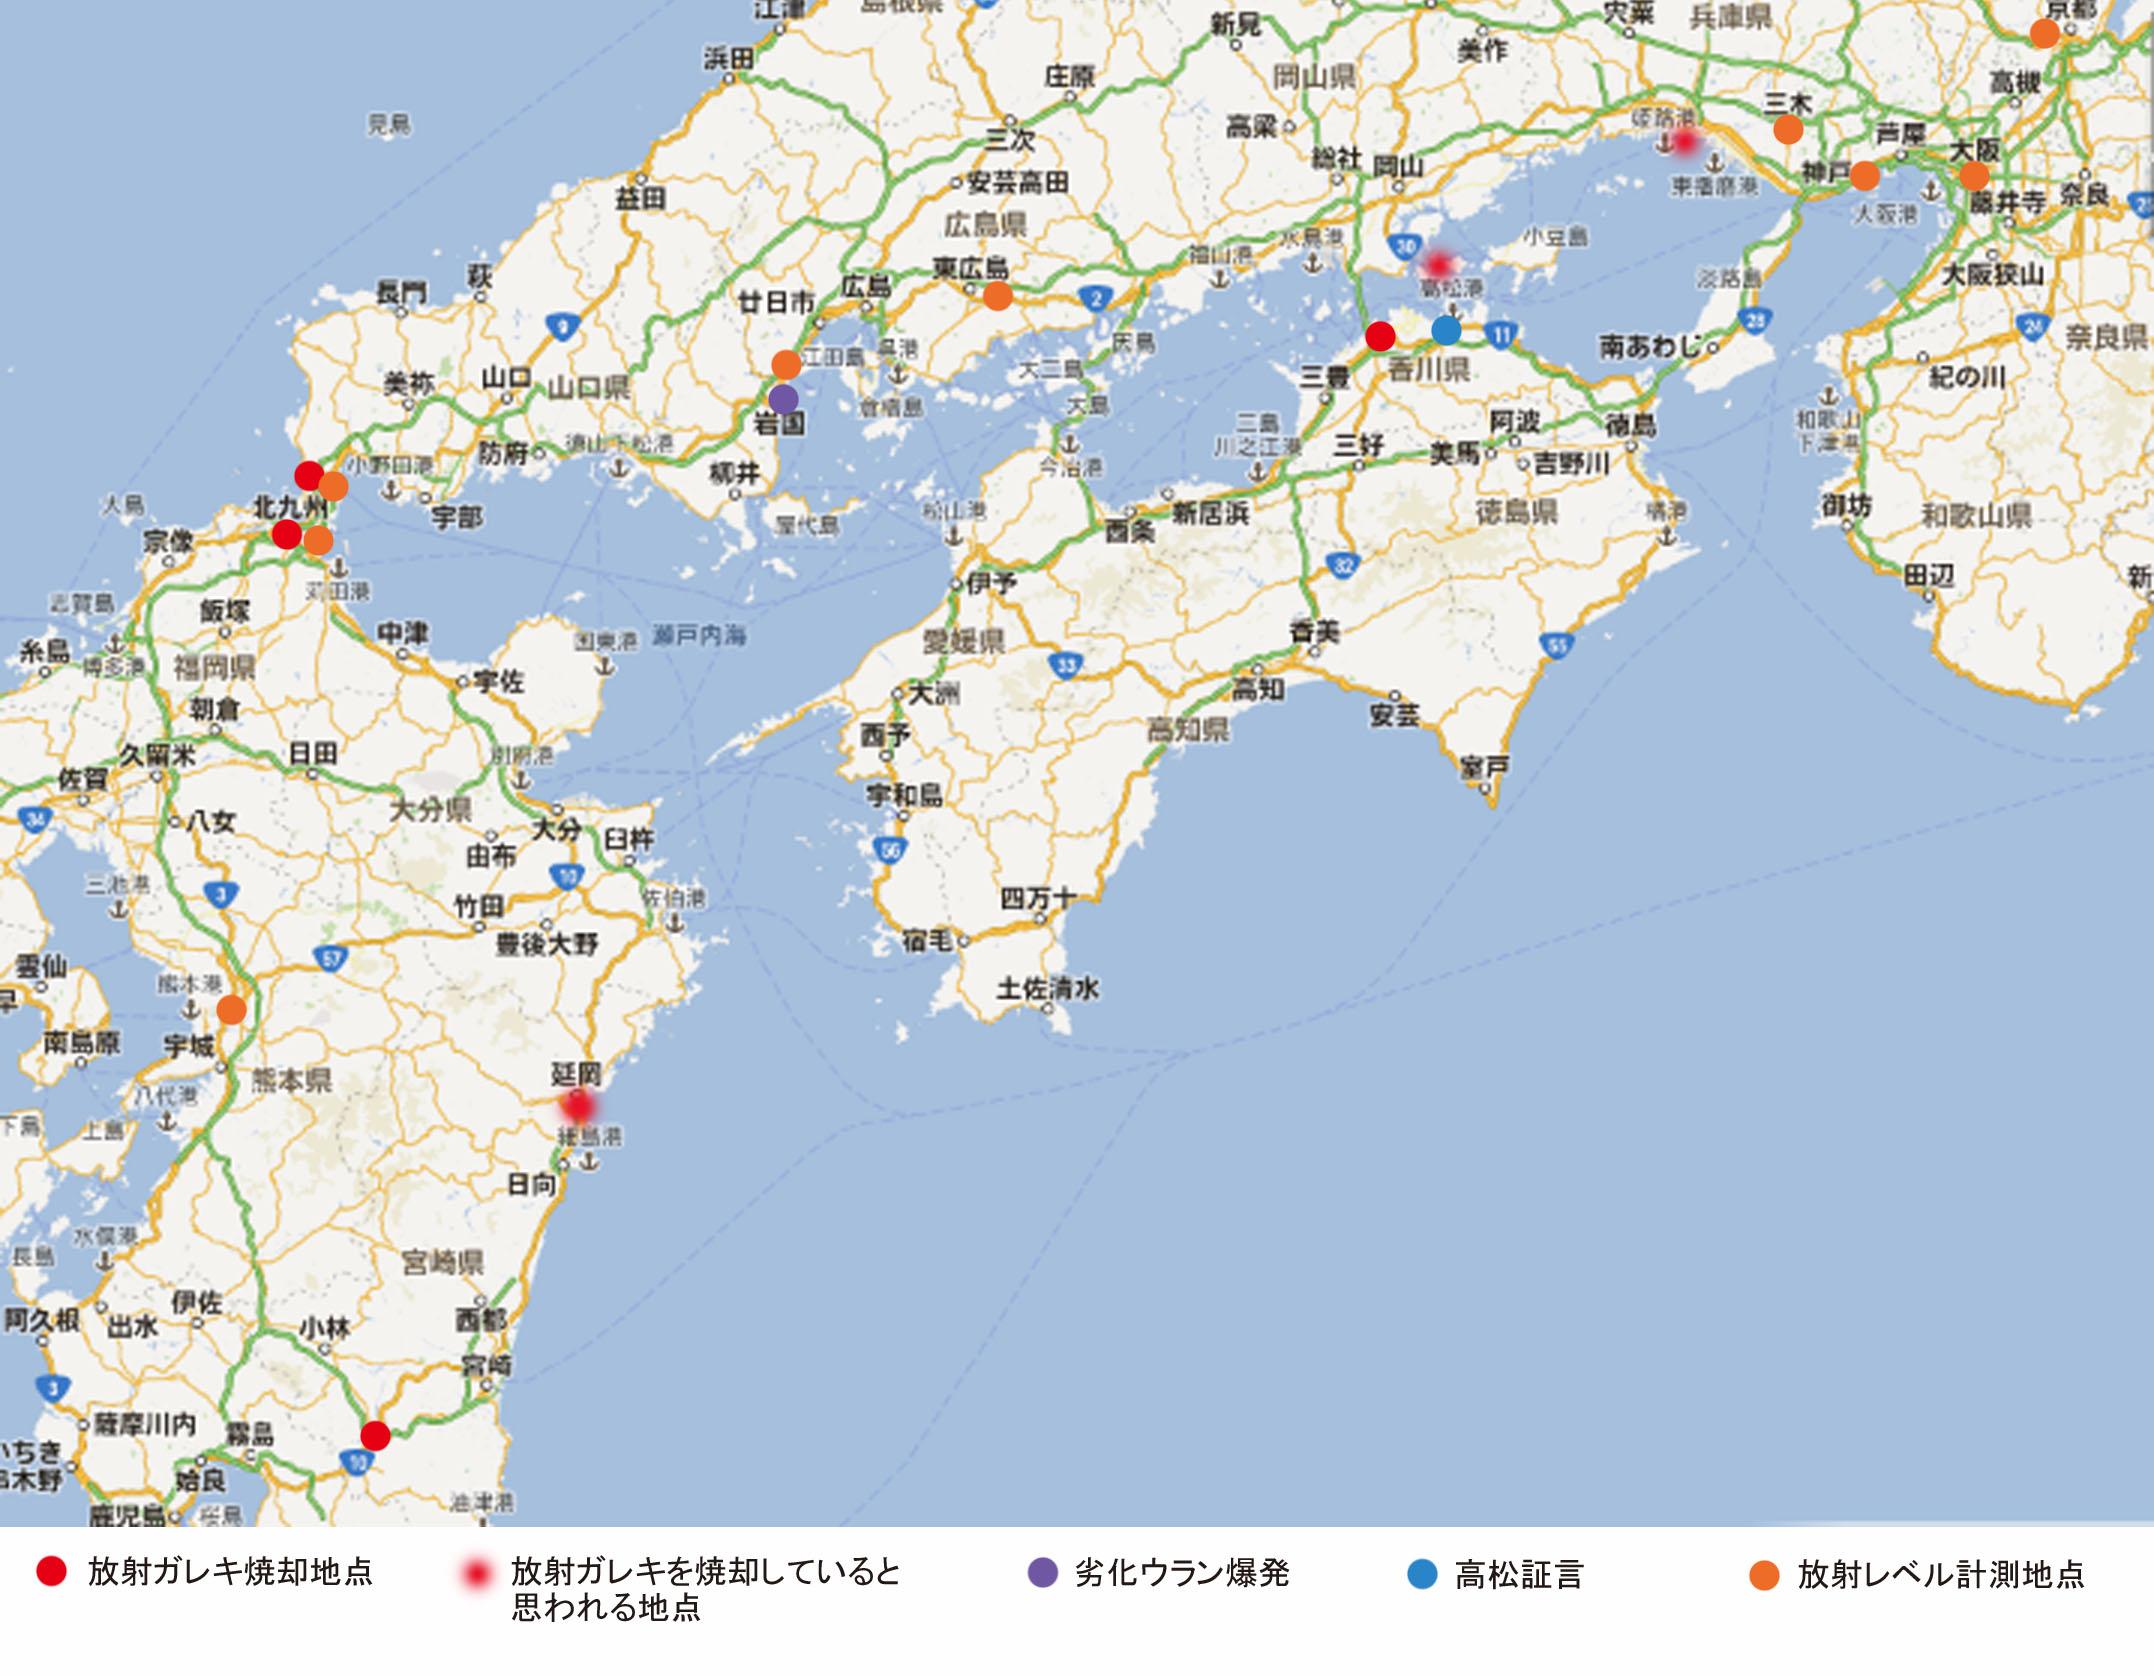 和炉 あうあう 陽動作戦の舞台となった北九州では受け入れ側が「 北九州市 」と云う自治体でしたが、地図にプロットした他の地域では企業の焼却炉が使われているようです。